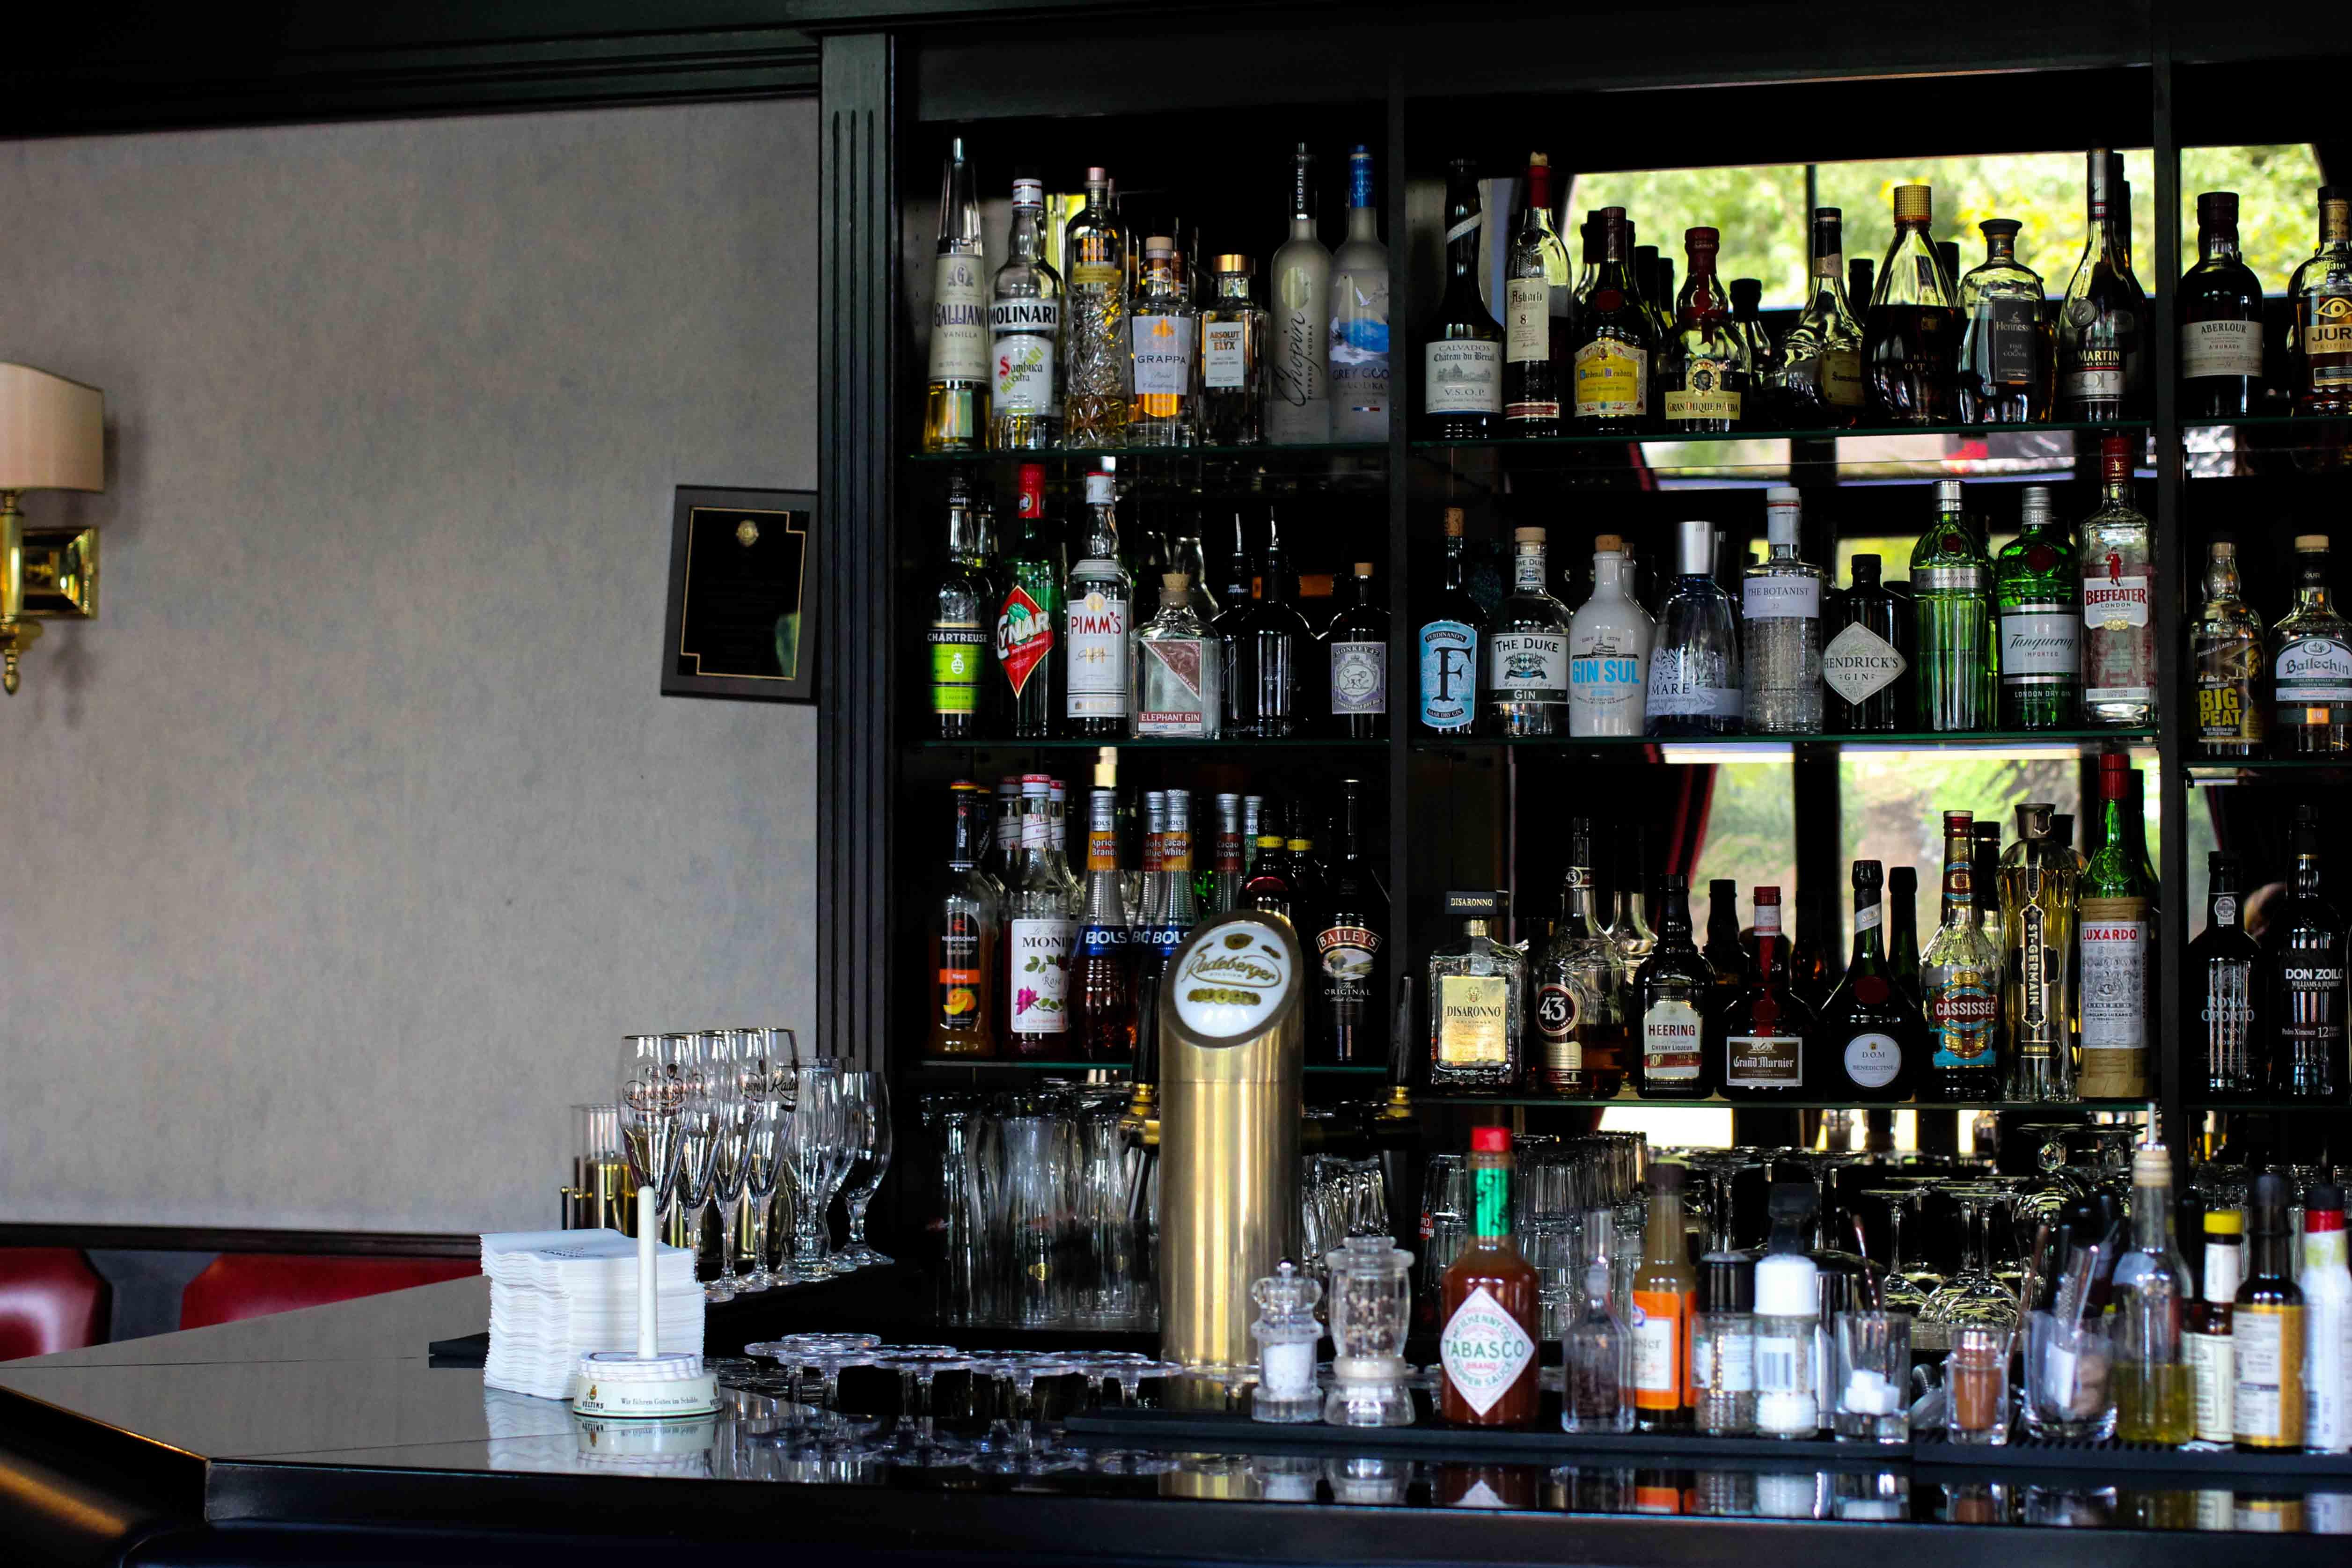 Schlosshotel Karlsruhe Bar Lounge Luxushotel Hotel Review Reiseblog Brinisfashionbook 3